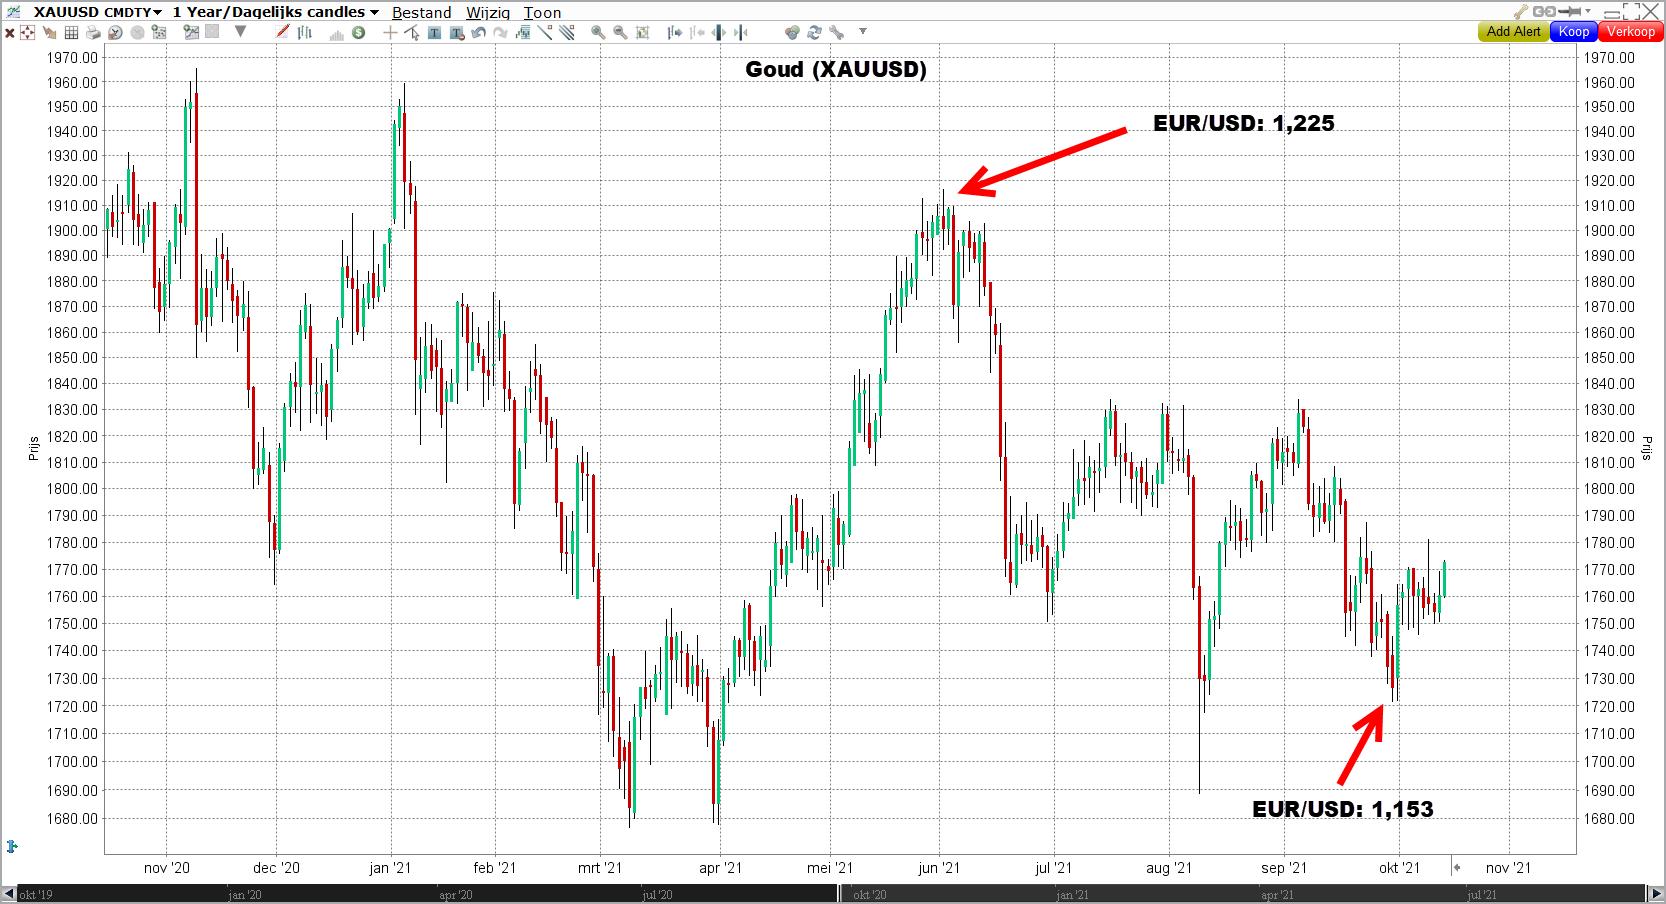 Grafiek goudprijs (XAUUSD)